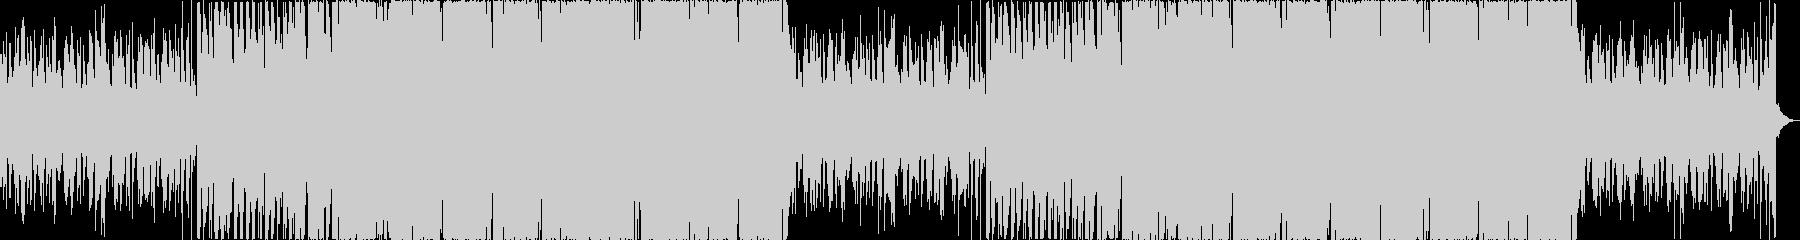 チルアウト軽快爽やかなトロピカルハウスaの未再生の波形